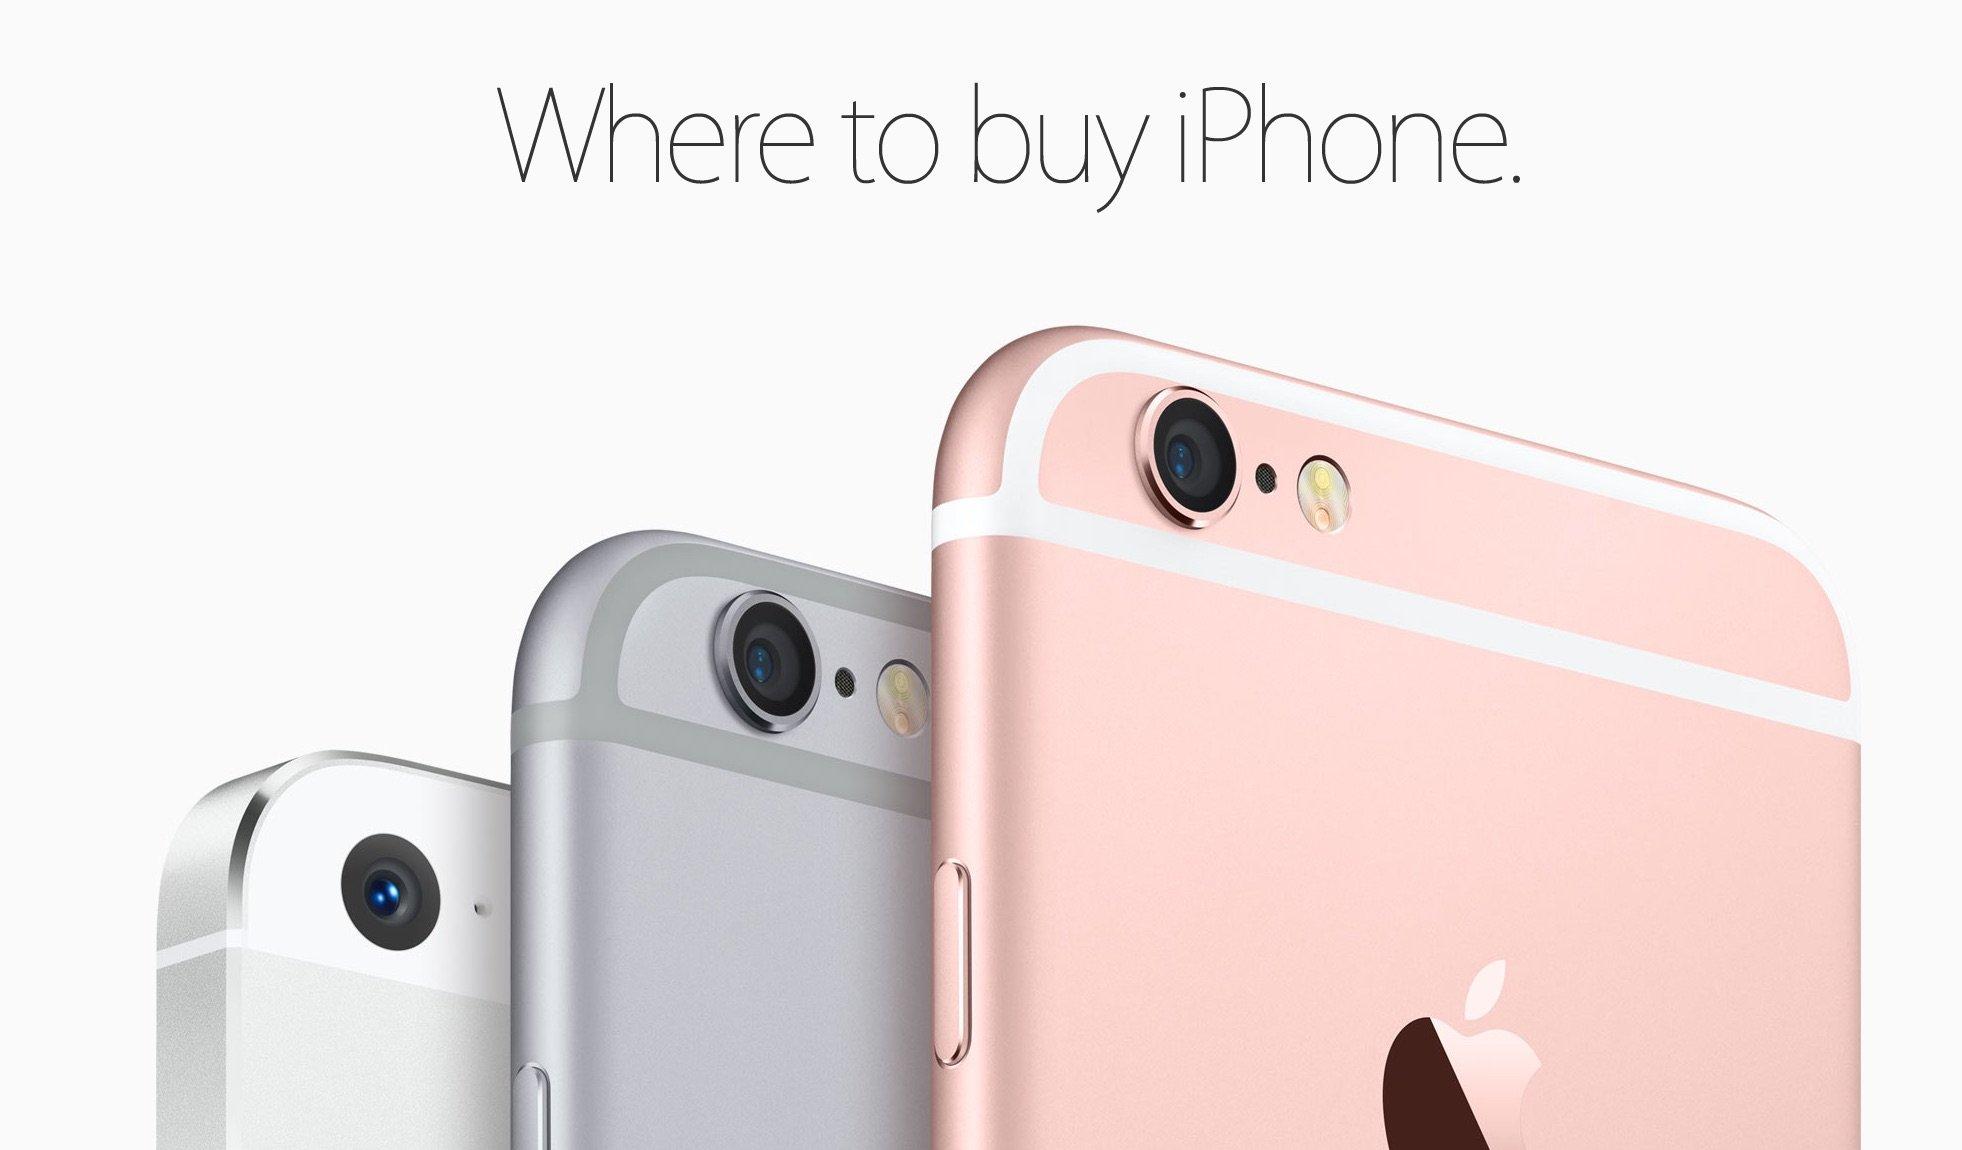 Apple iPhone 7: Hülle im Vergleich mit iPhone 6s (Video) 11